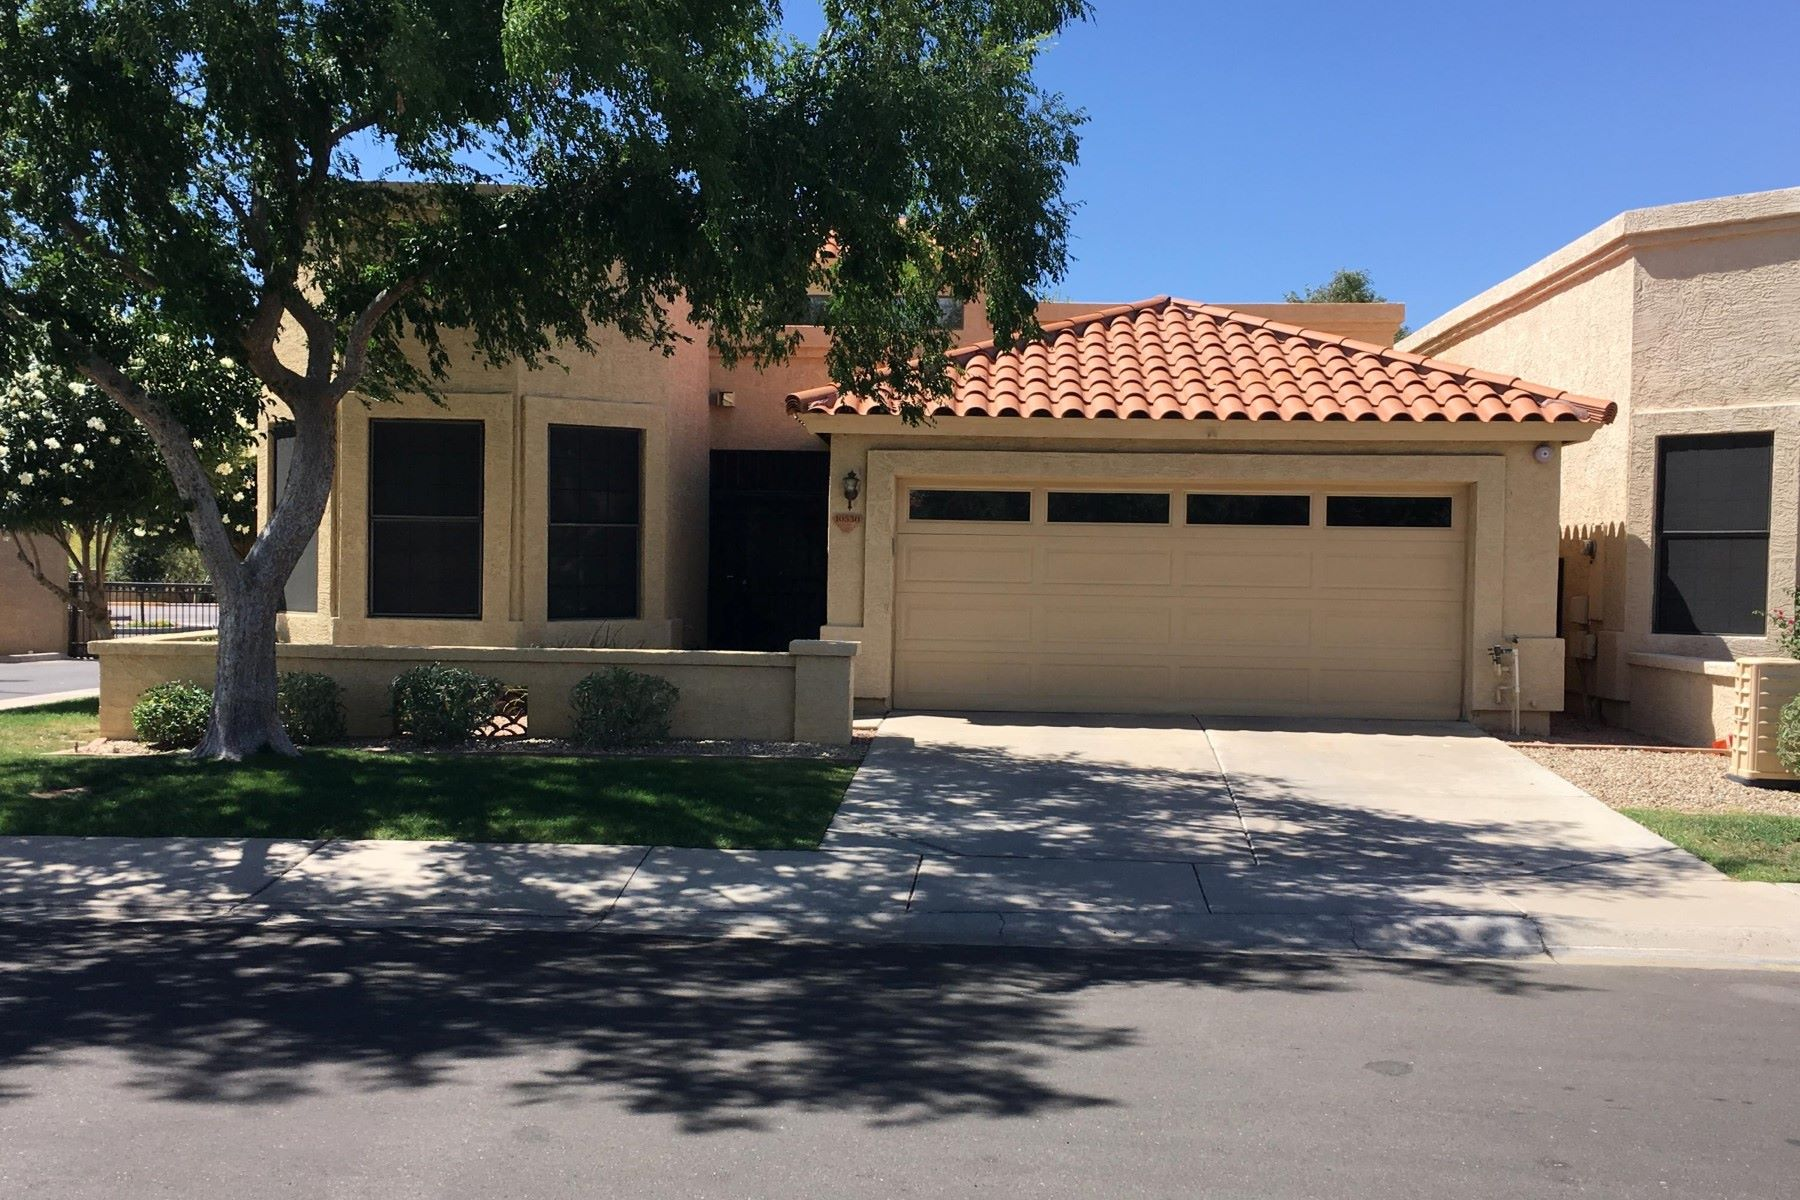 独户住宅 为 出租 在 Beautiful Patio Home 10530 E VOGEL AVE, 斯科茨代尔, 亚利桑那州, 85258 美国